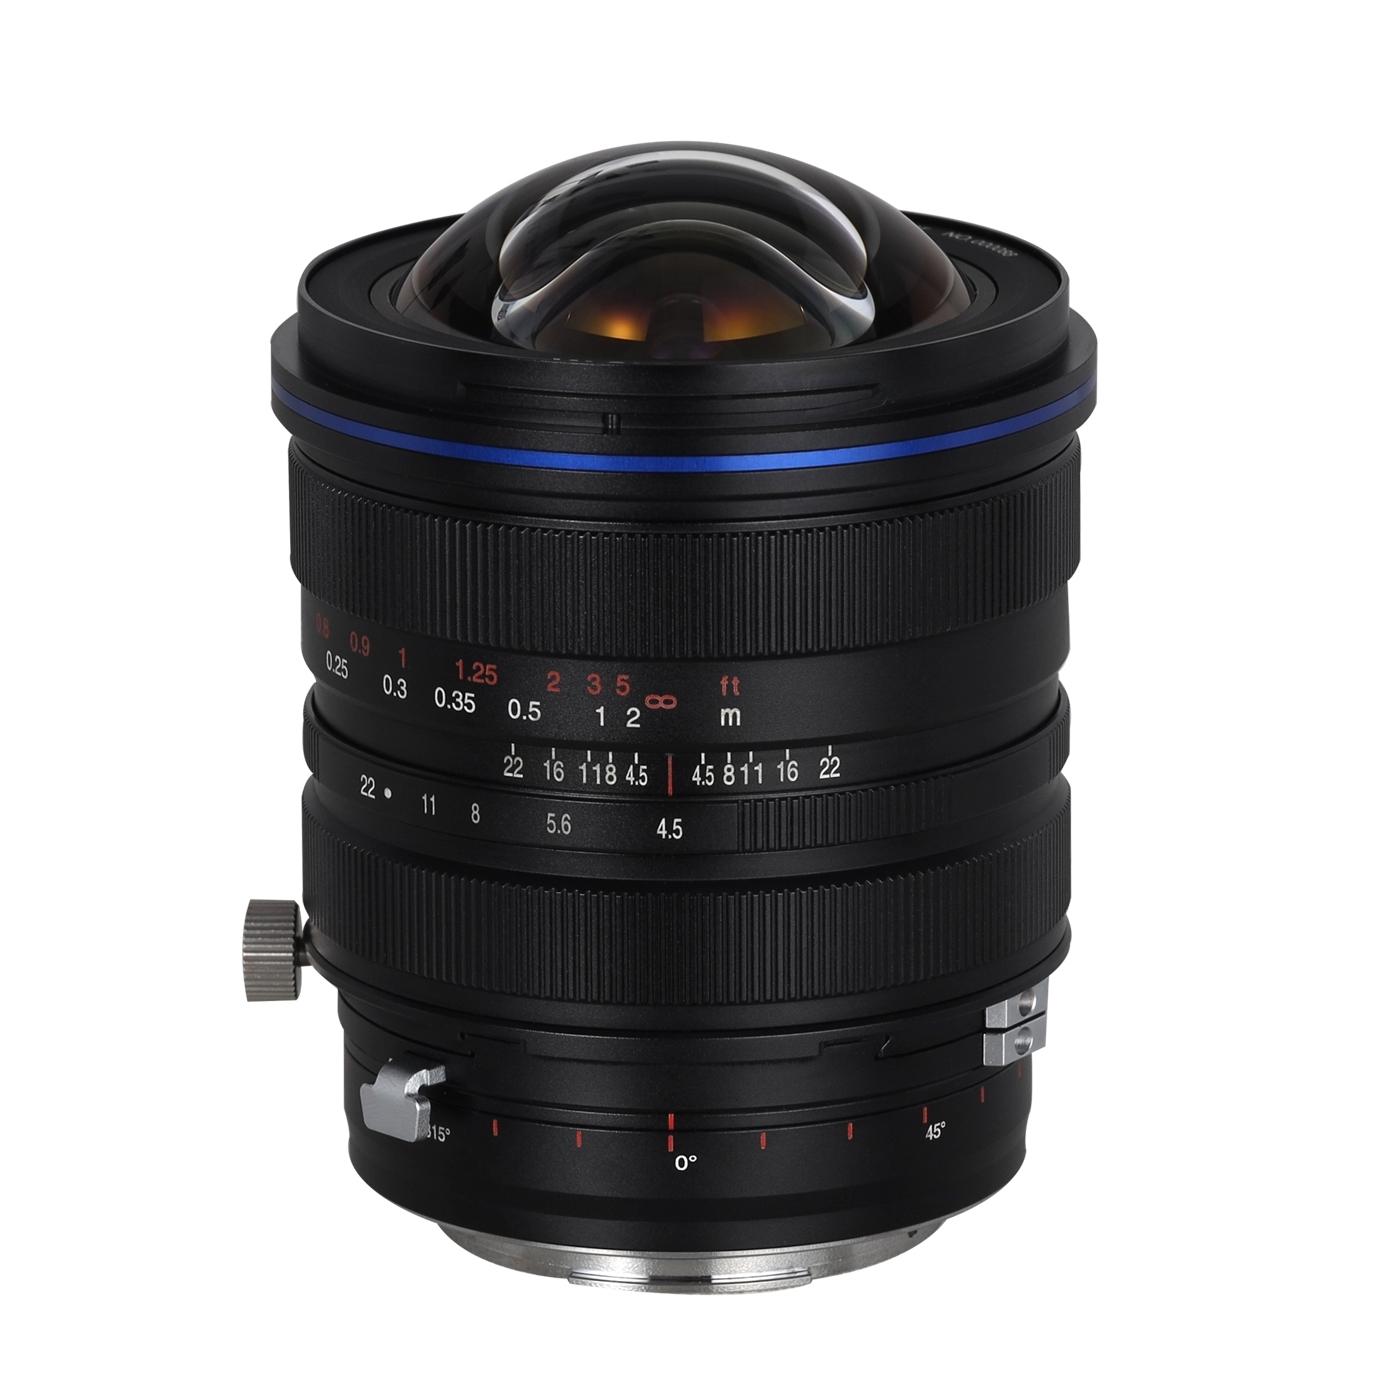 LAOWA 15mm f/4,5 Zero-D Shift für Nikon Z